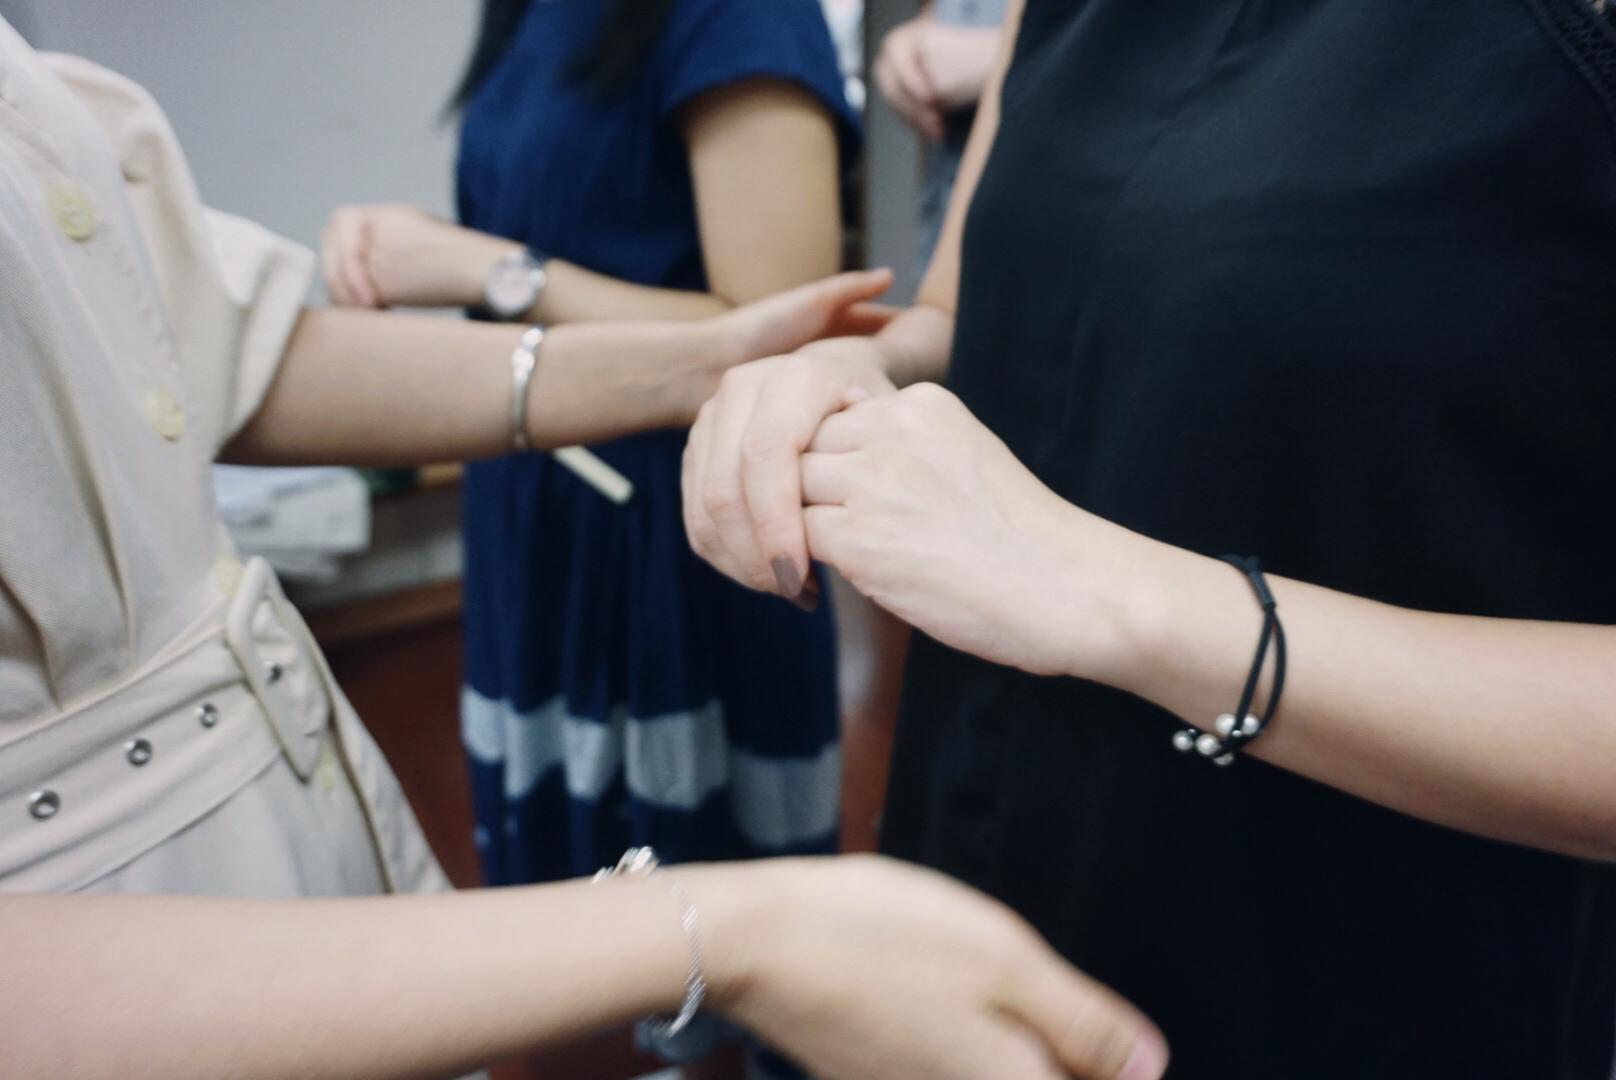 老師為學員們糾正手部姿勢